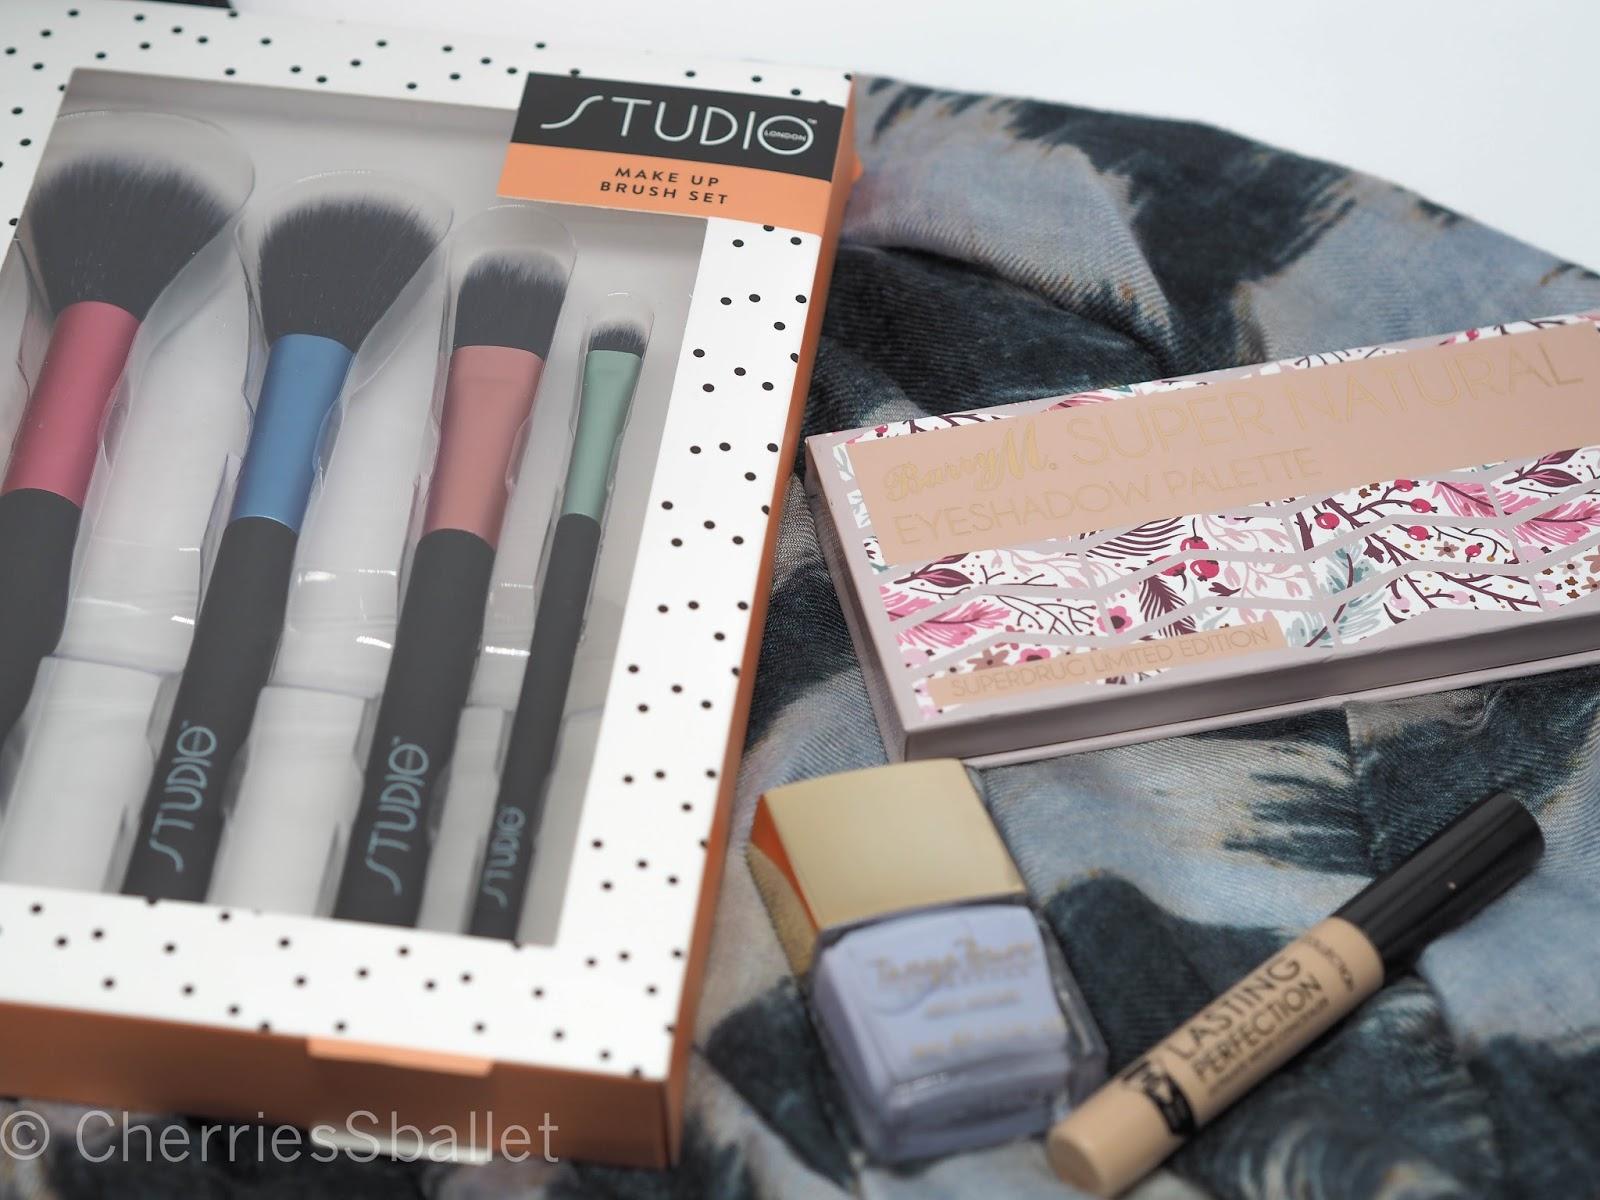 Studio London Make Up Brushes, Barry M Super Natural Superdrug Exclusive Palette, Tanya Burr